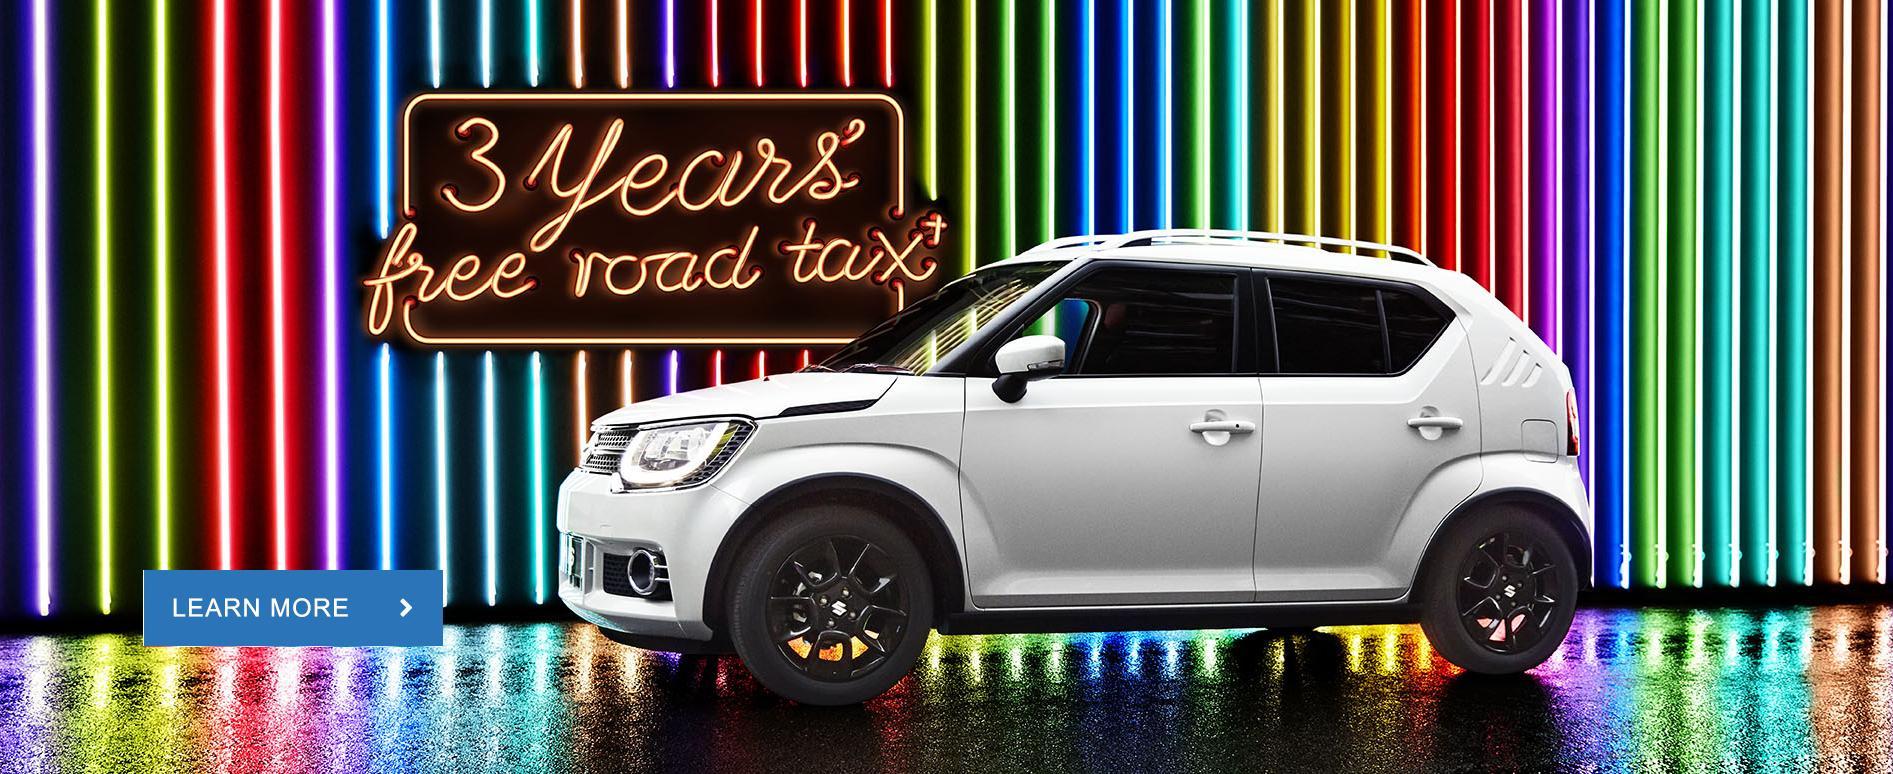 Ignis 3 yr free road tax